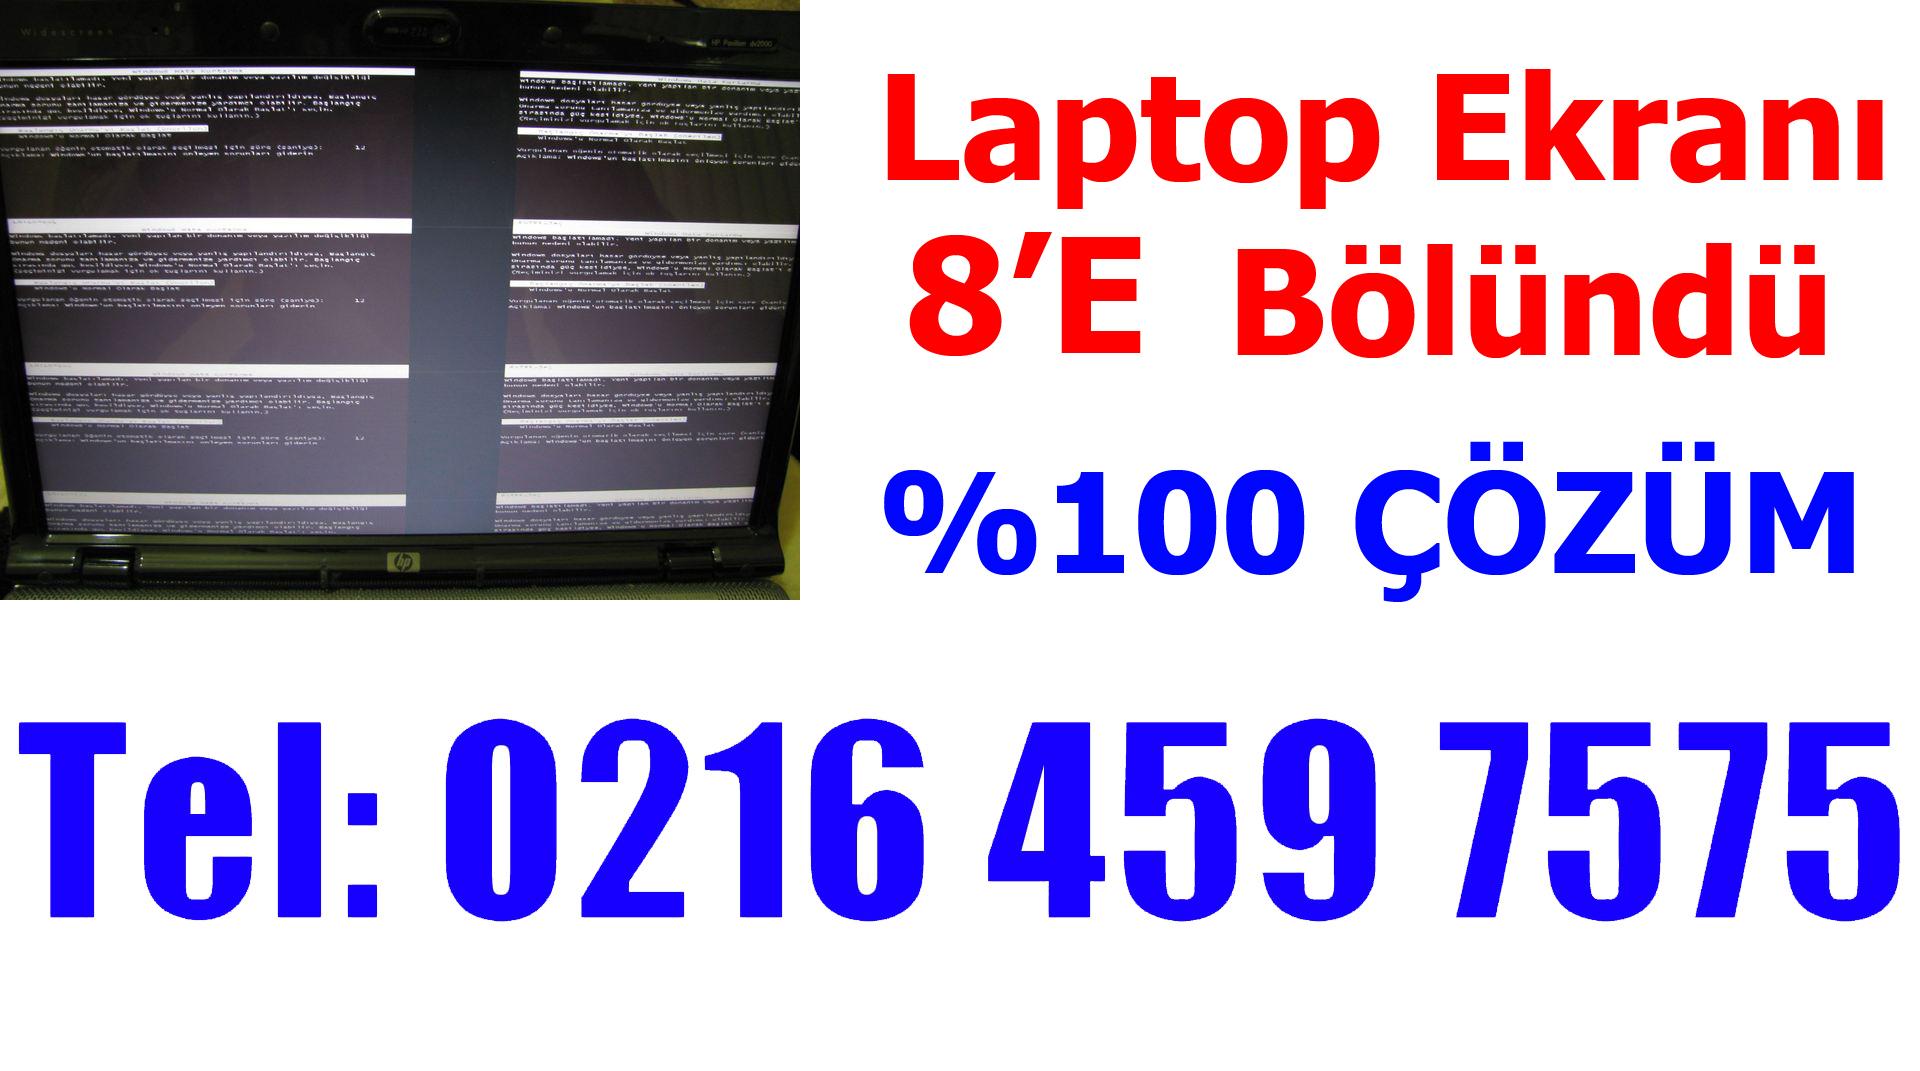 Laptop Ekranının 8' e Bölündü Sorunu